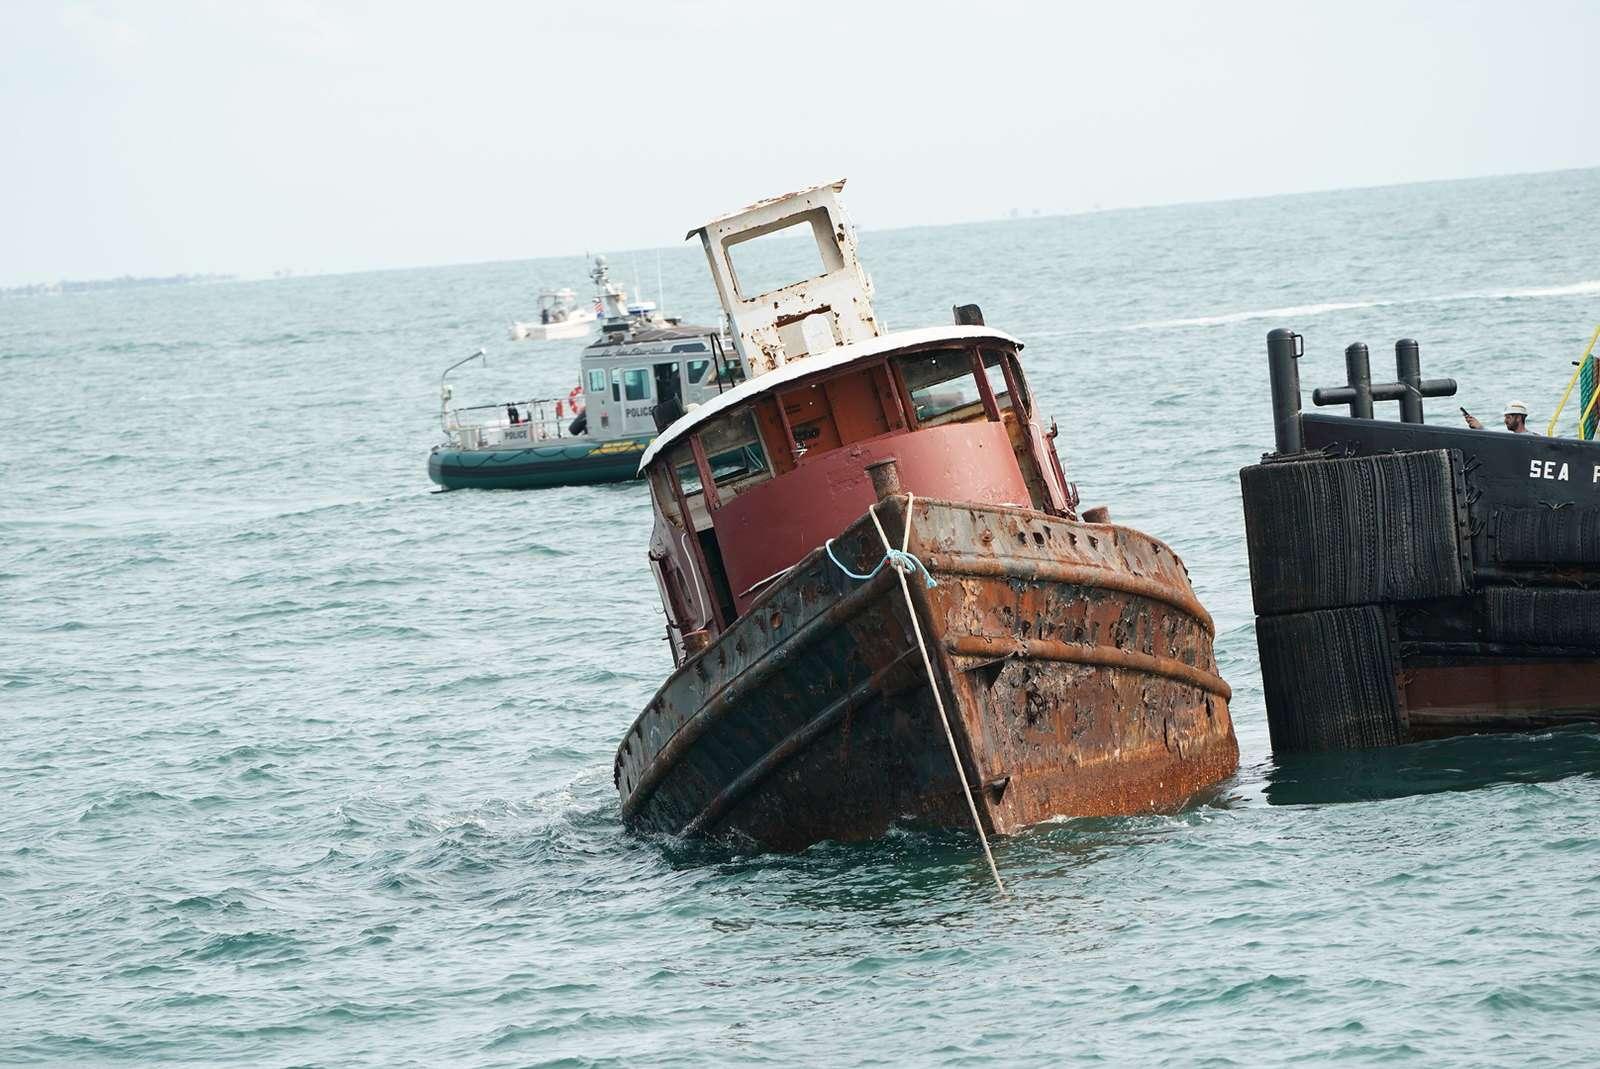 holownik przeznaczony do zatopienia Nowy Jork divers24.pl